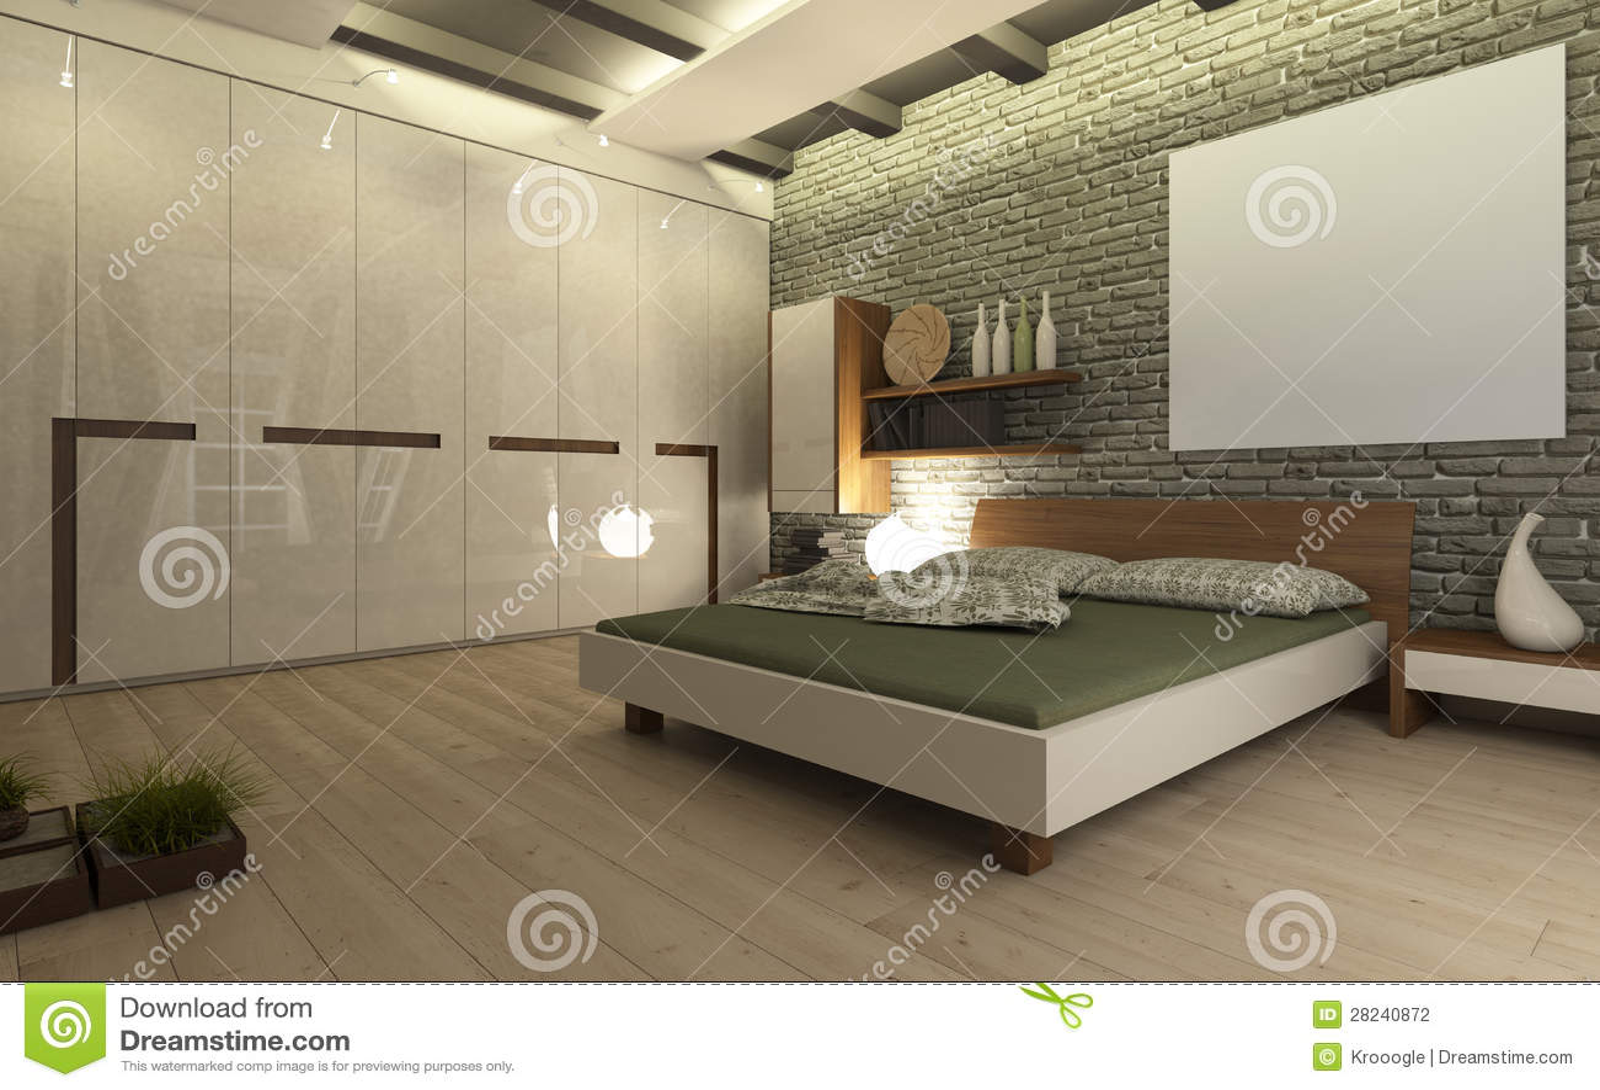 Slaapkamer Met Bakstenen Muur Stock Fotografie - Afbeelding: 28240872